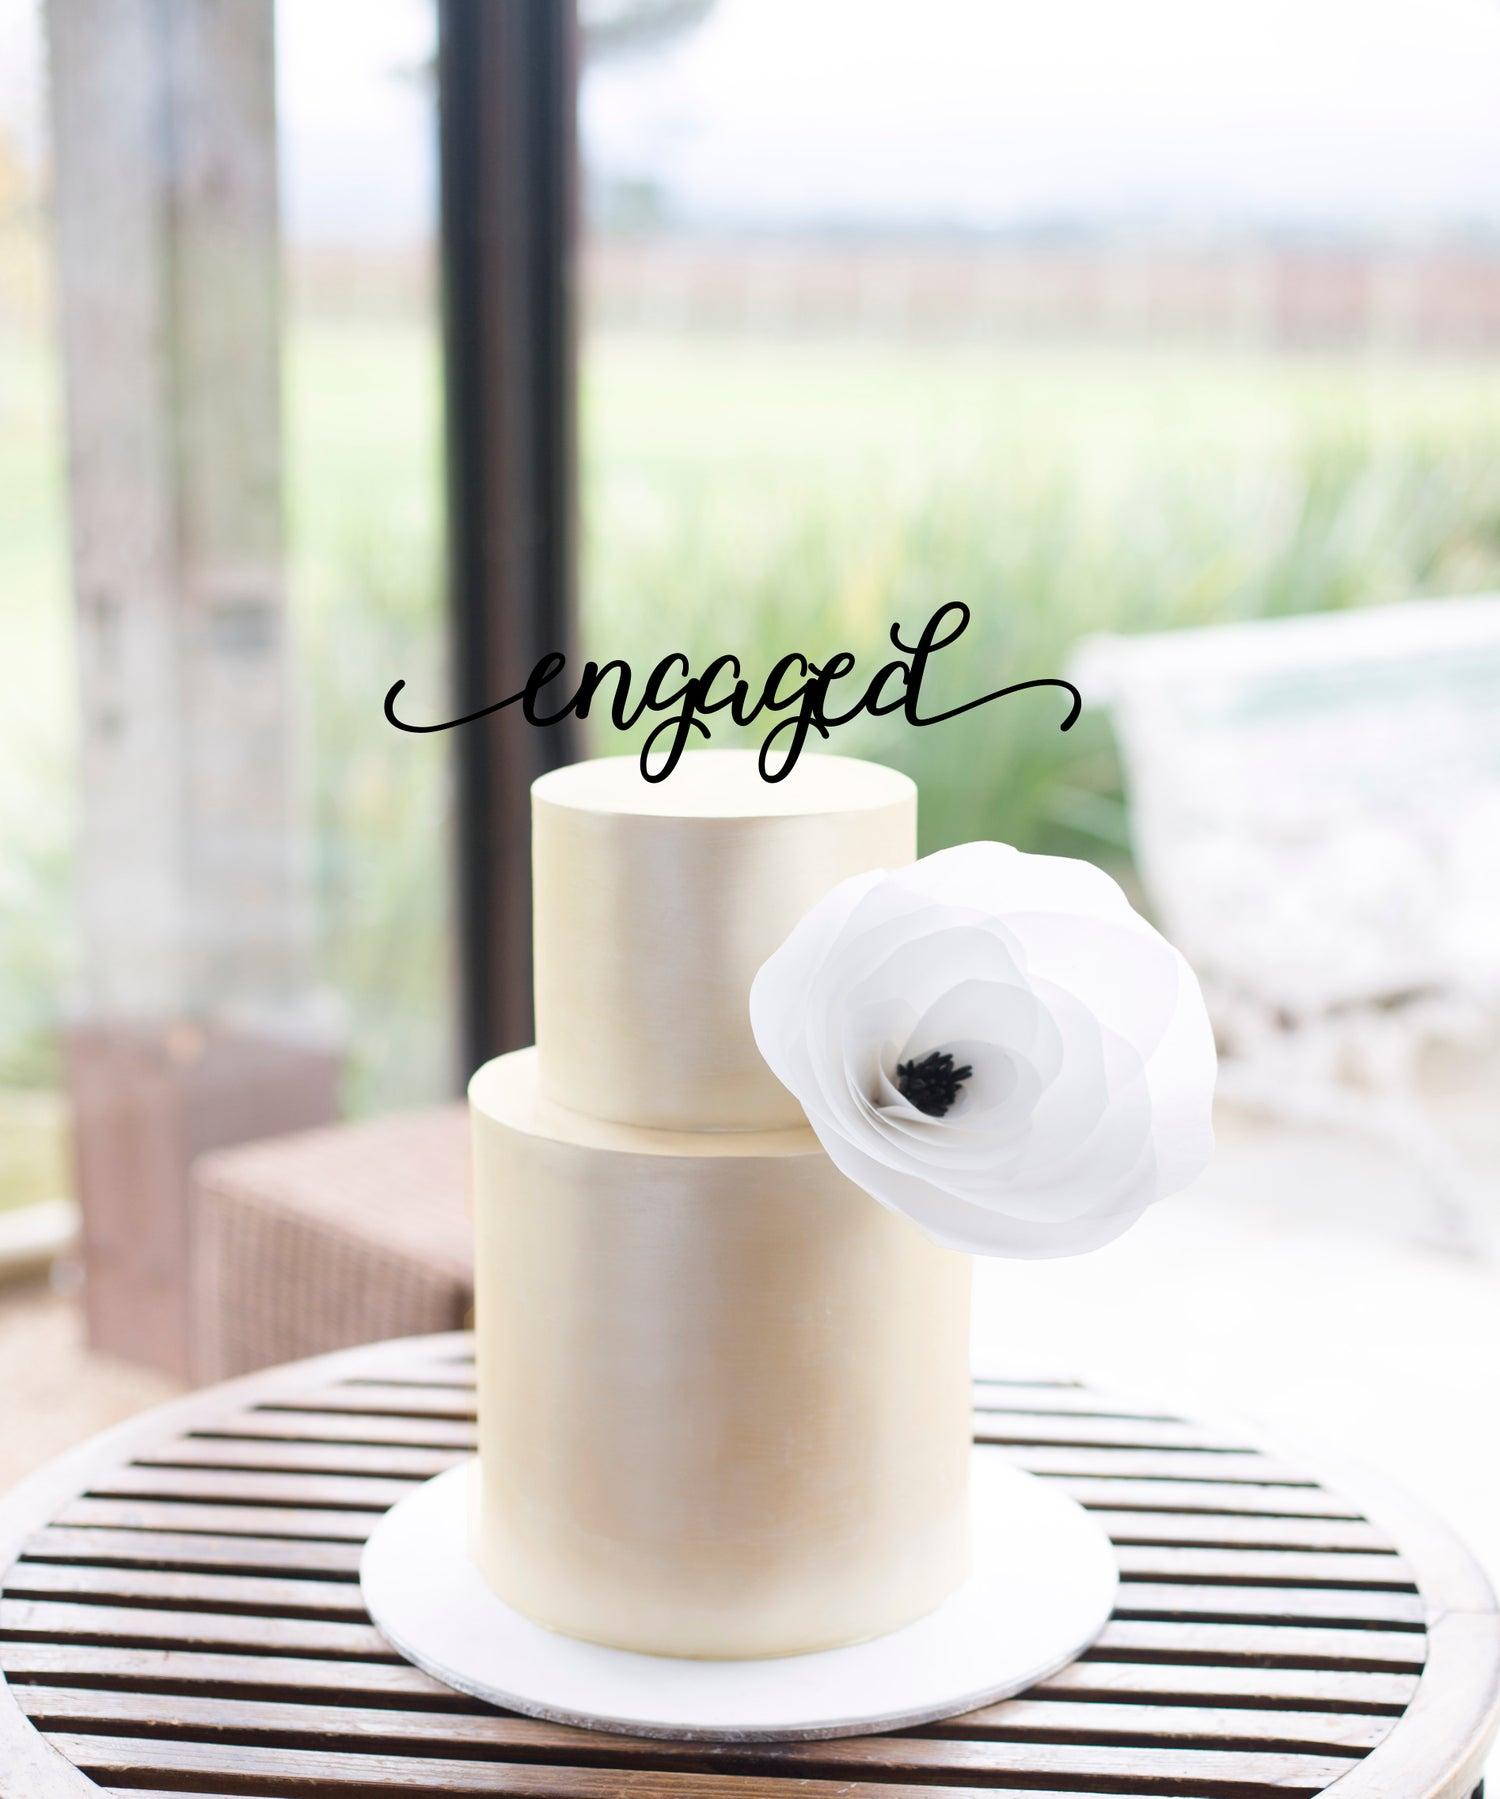 Image of Engaged Swash